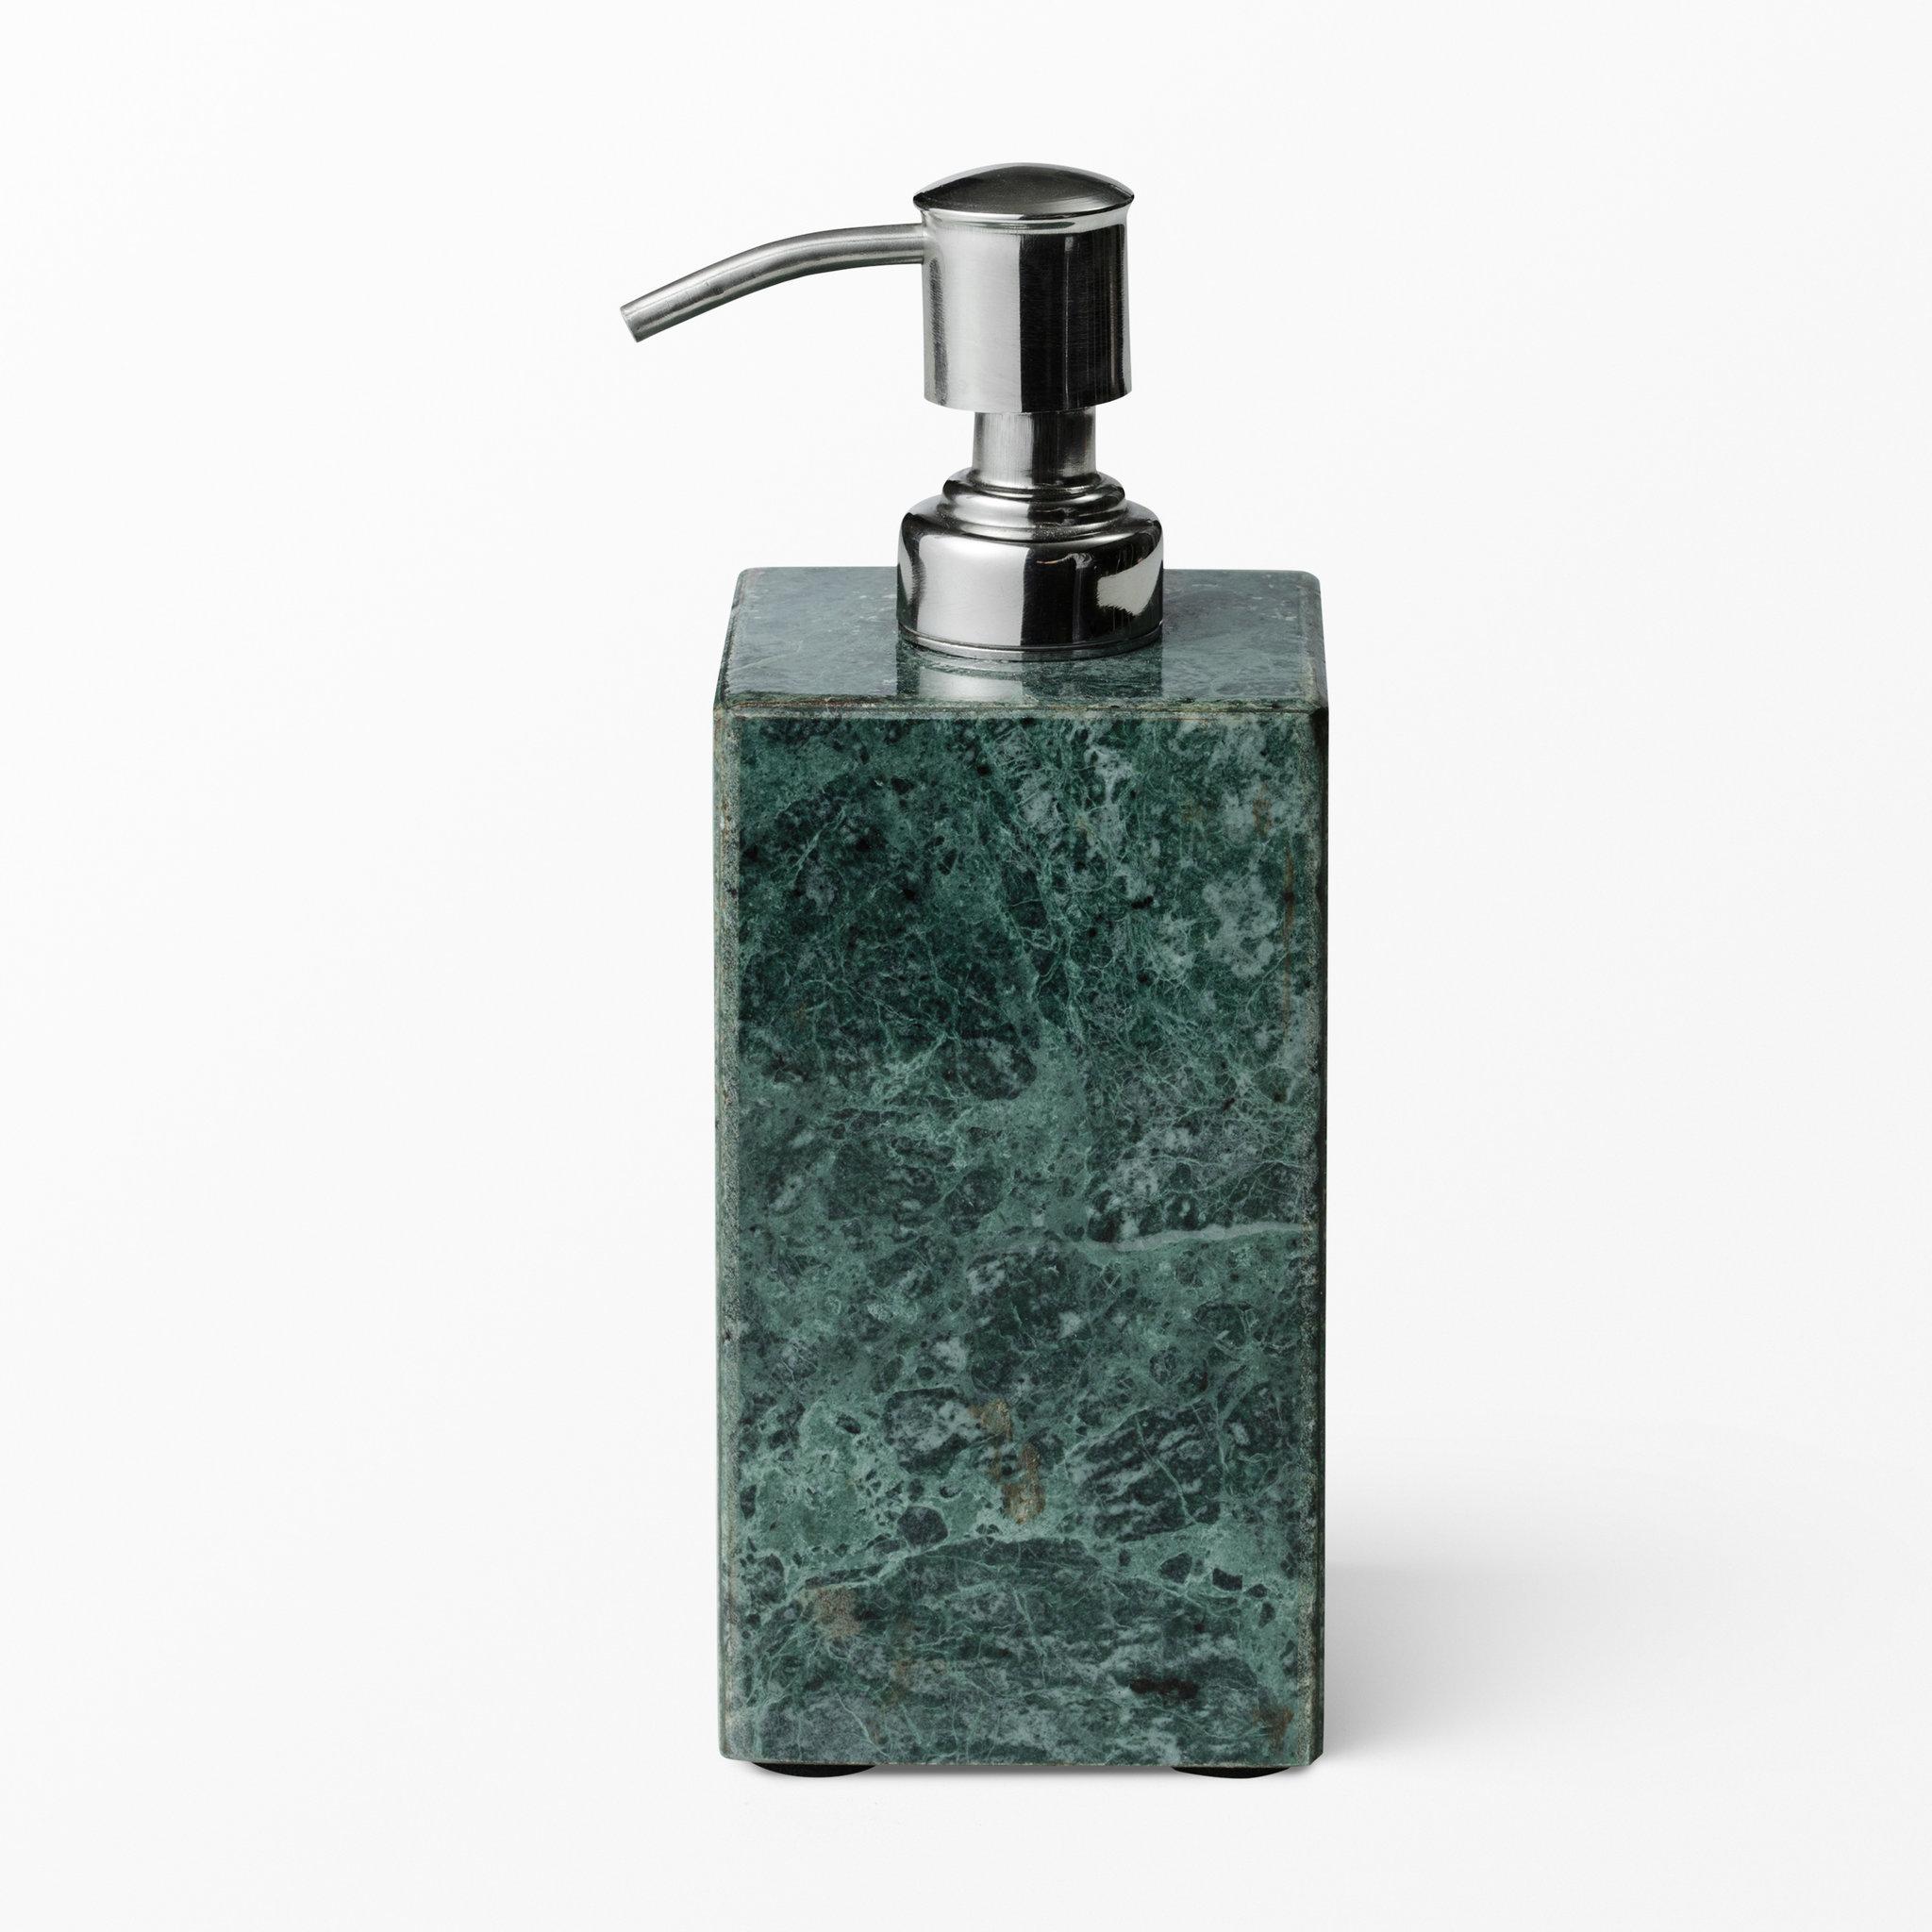 Grön marmor tvålpump